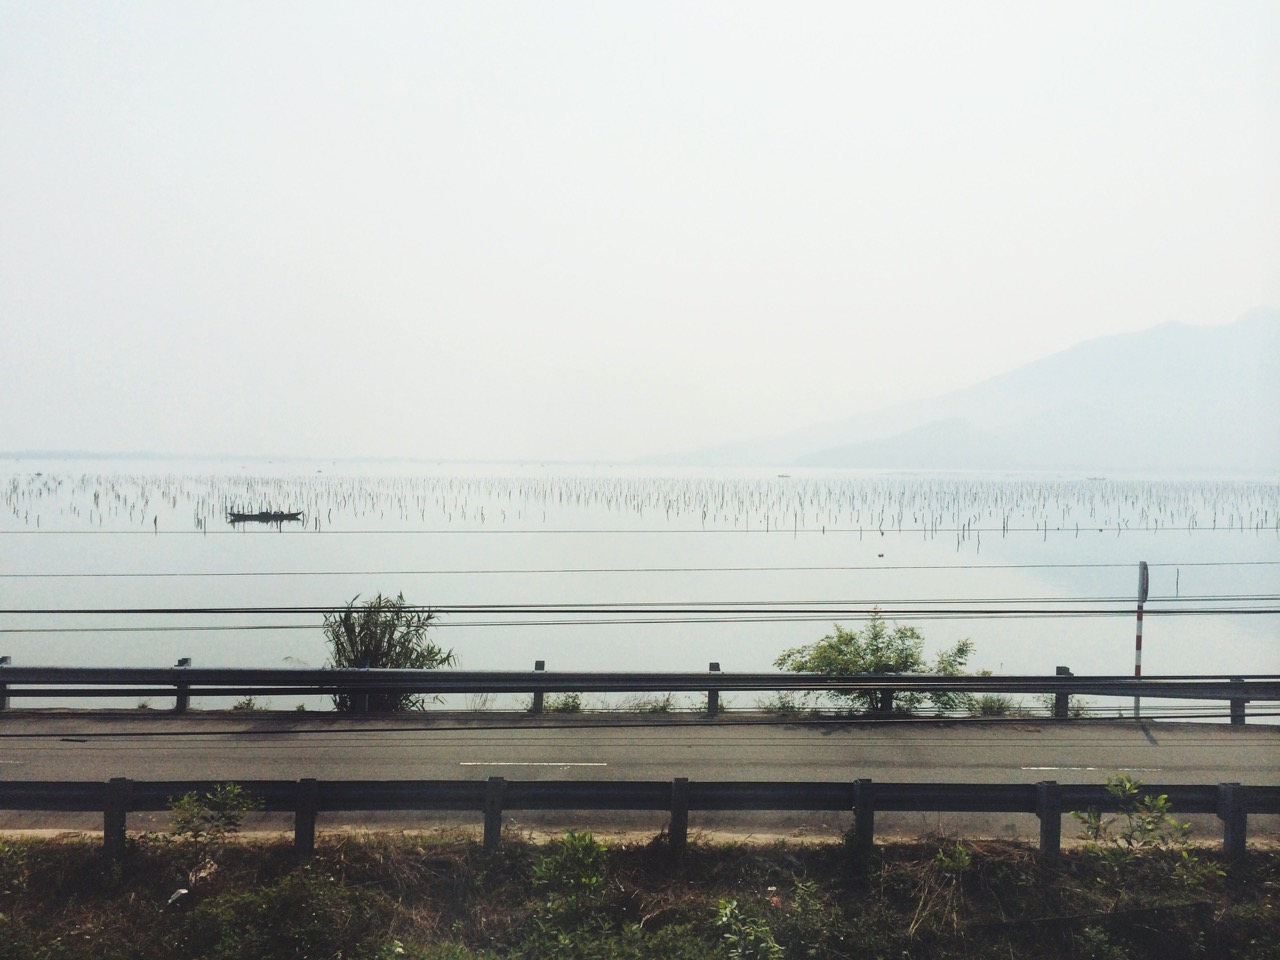 Путешествие по Вьетнаму: Лагуна в центральном Вьетнаме, вид из окна